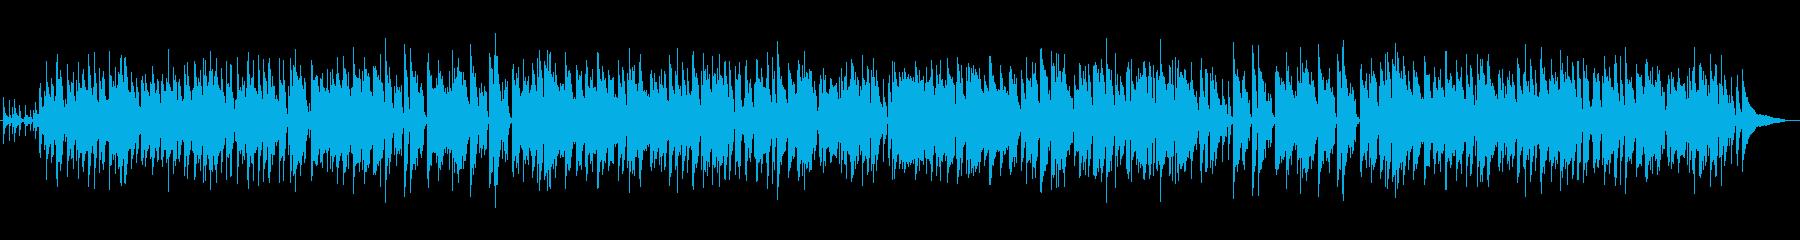 カフェミュージック風なライトジャズの再生済みの波形